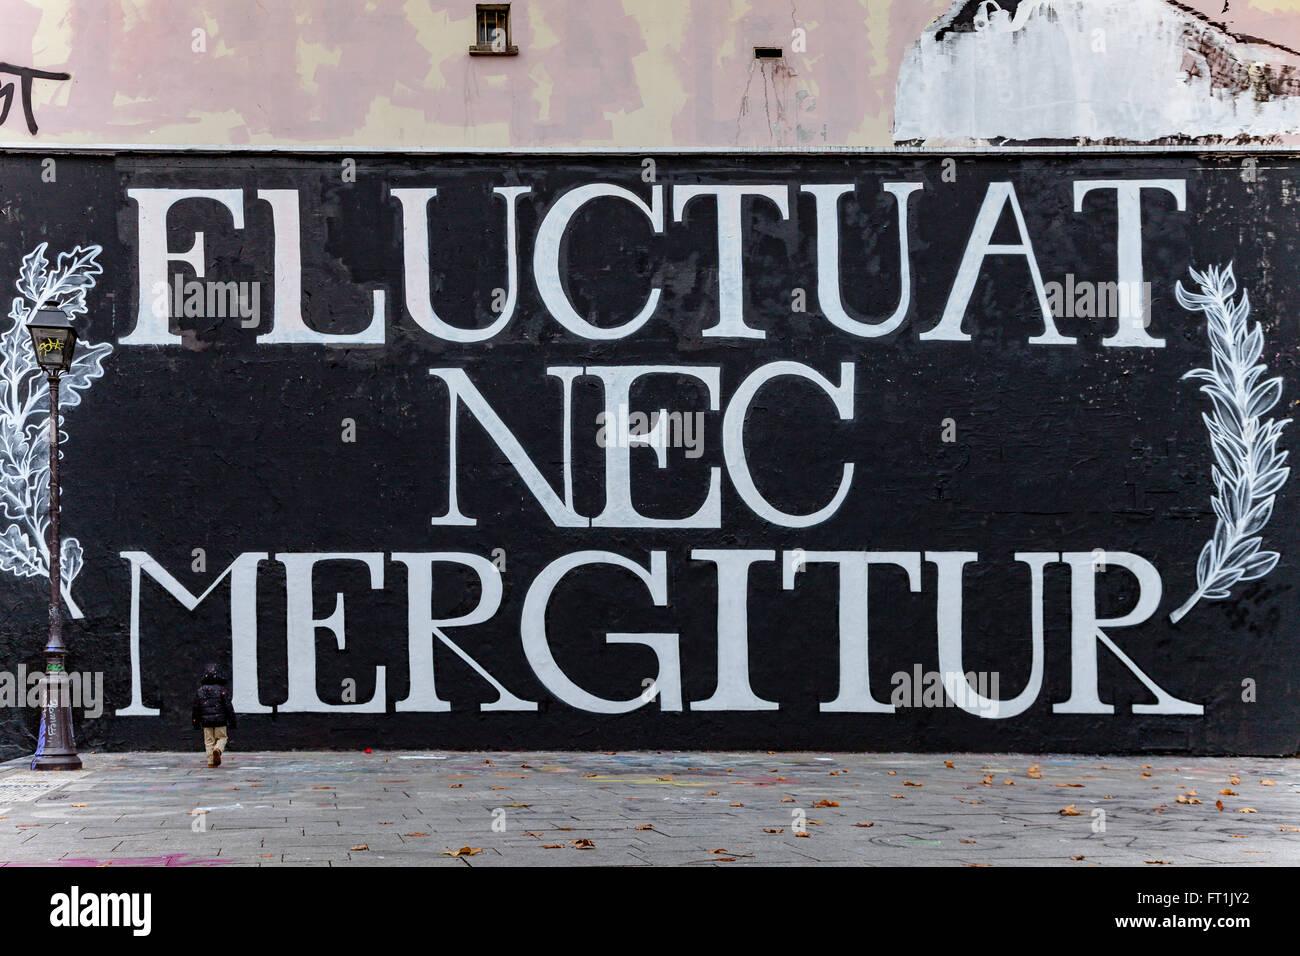 Fluctuat Nec Mergitur - Stock Image